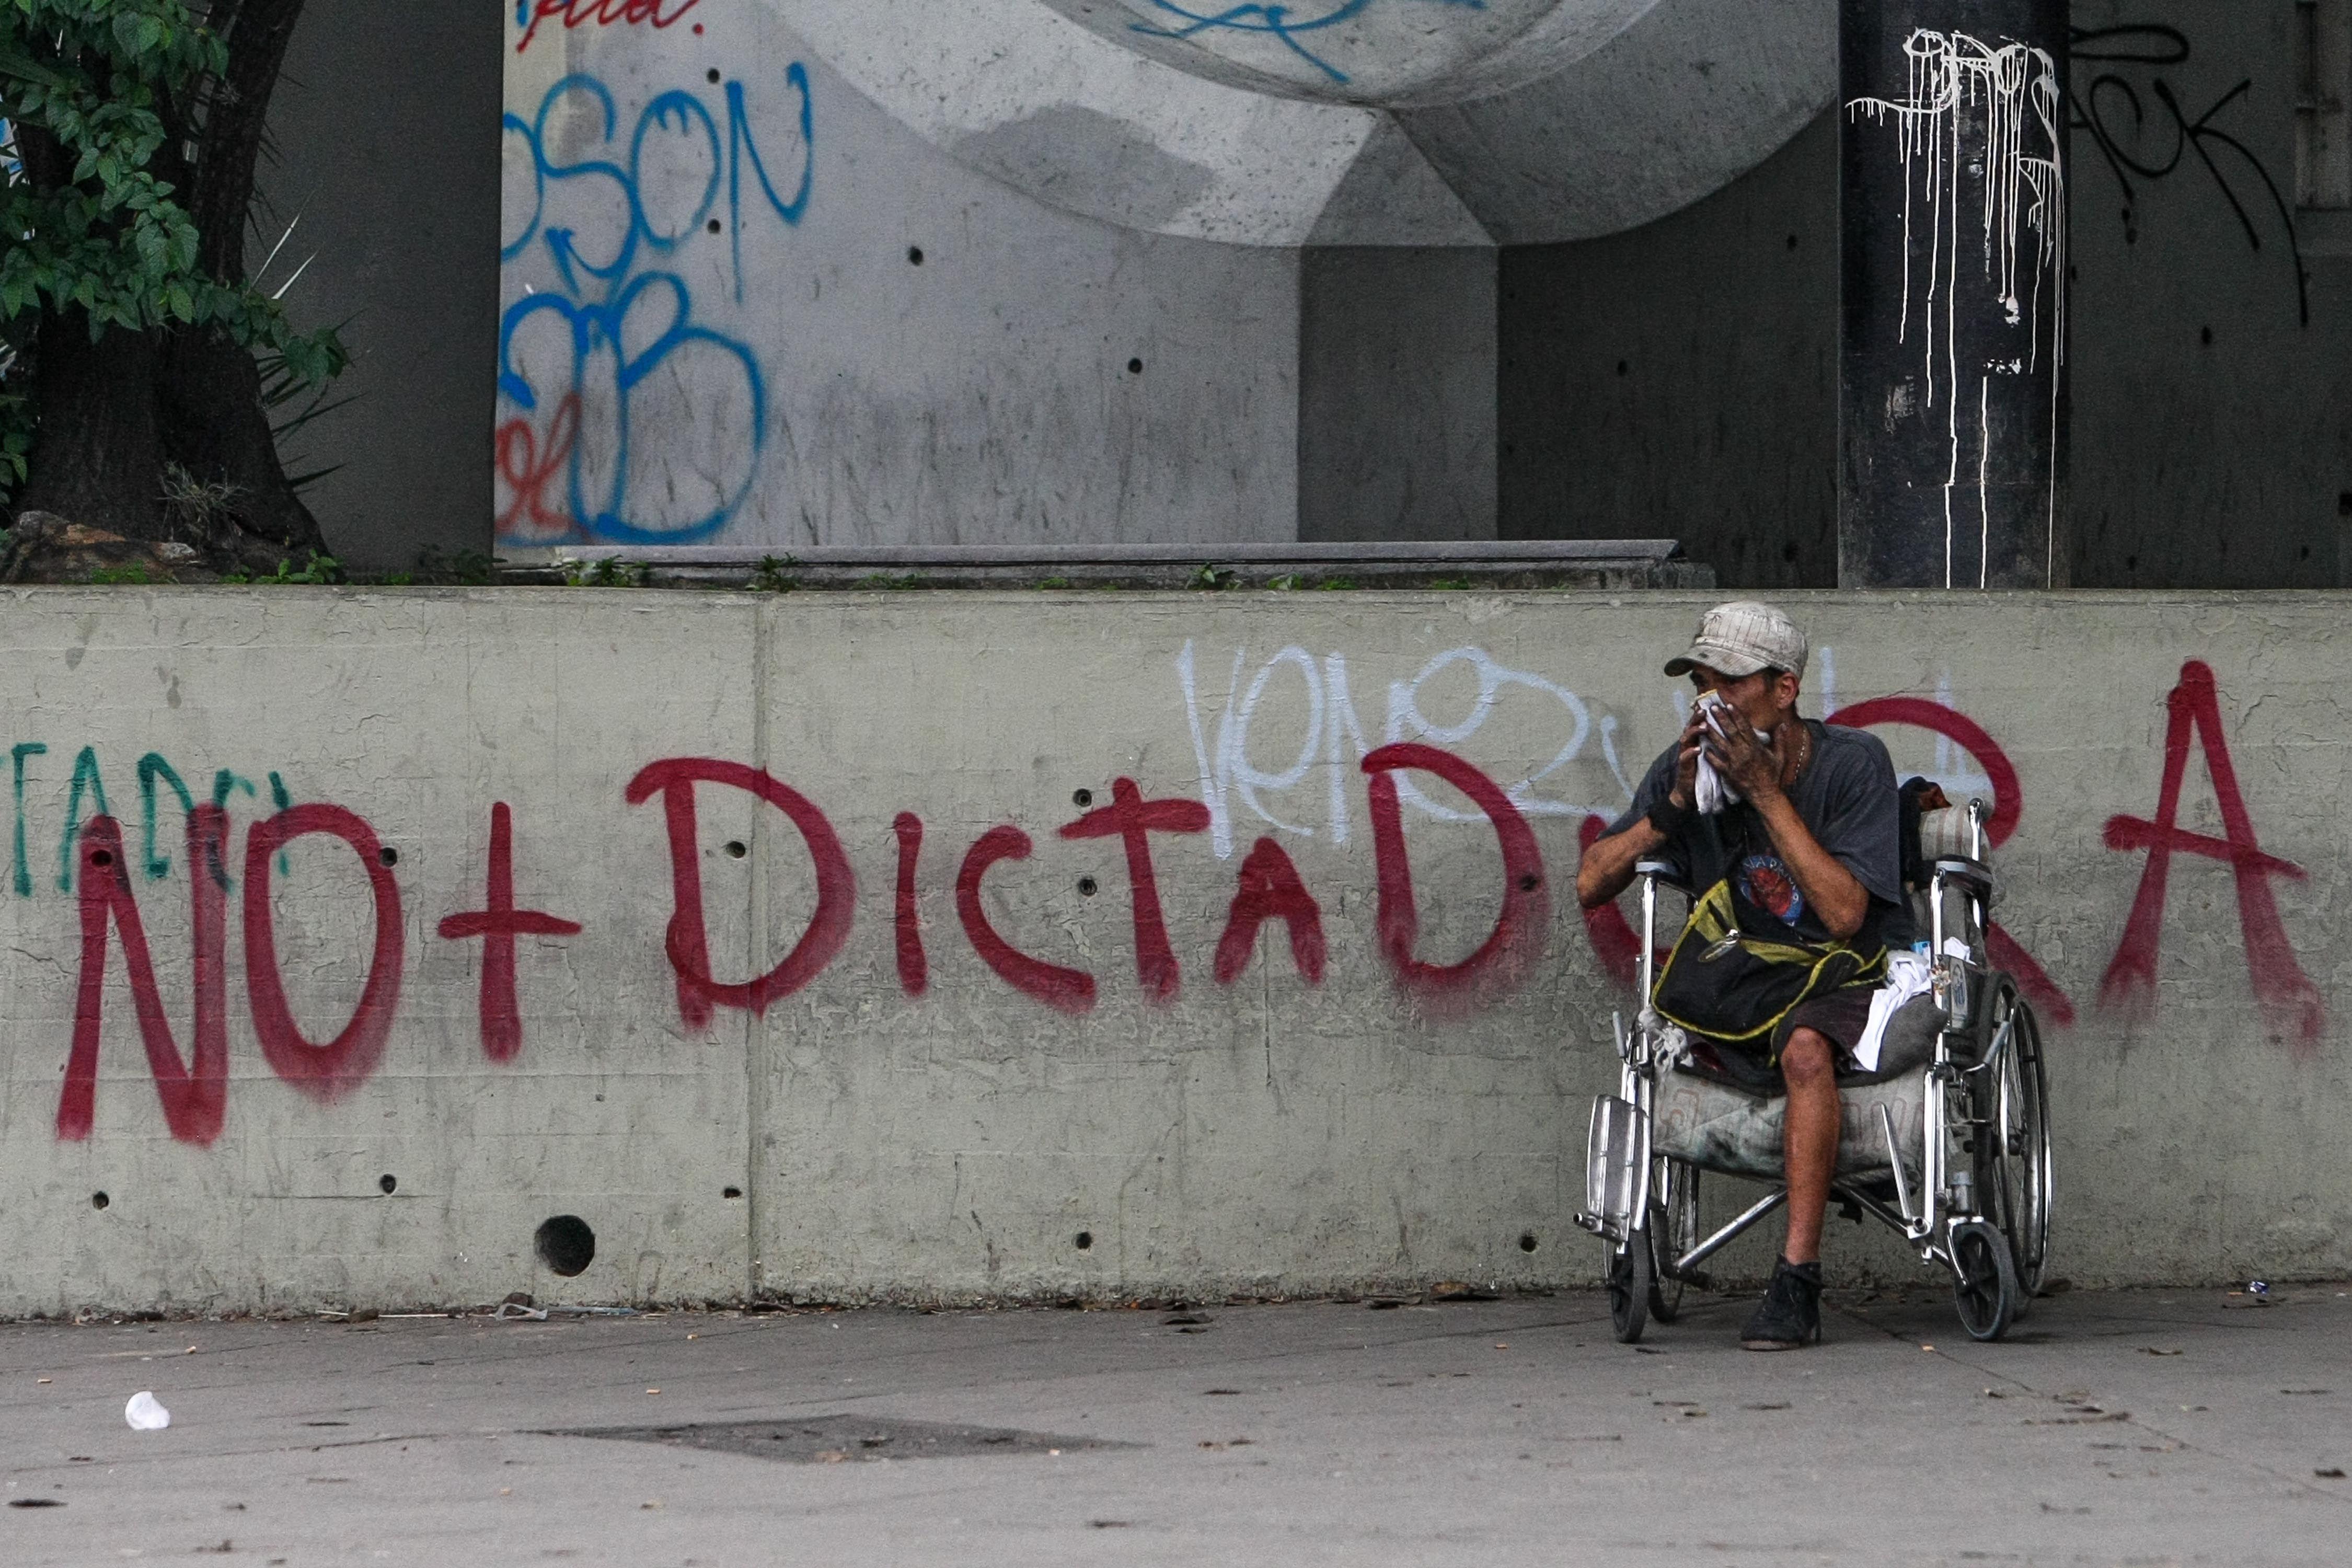 No más dictadura sentencia una pintada en Caracas